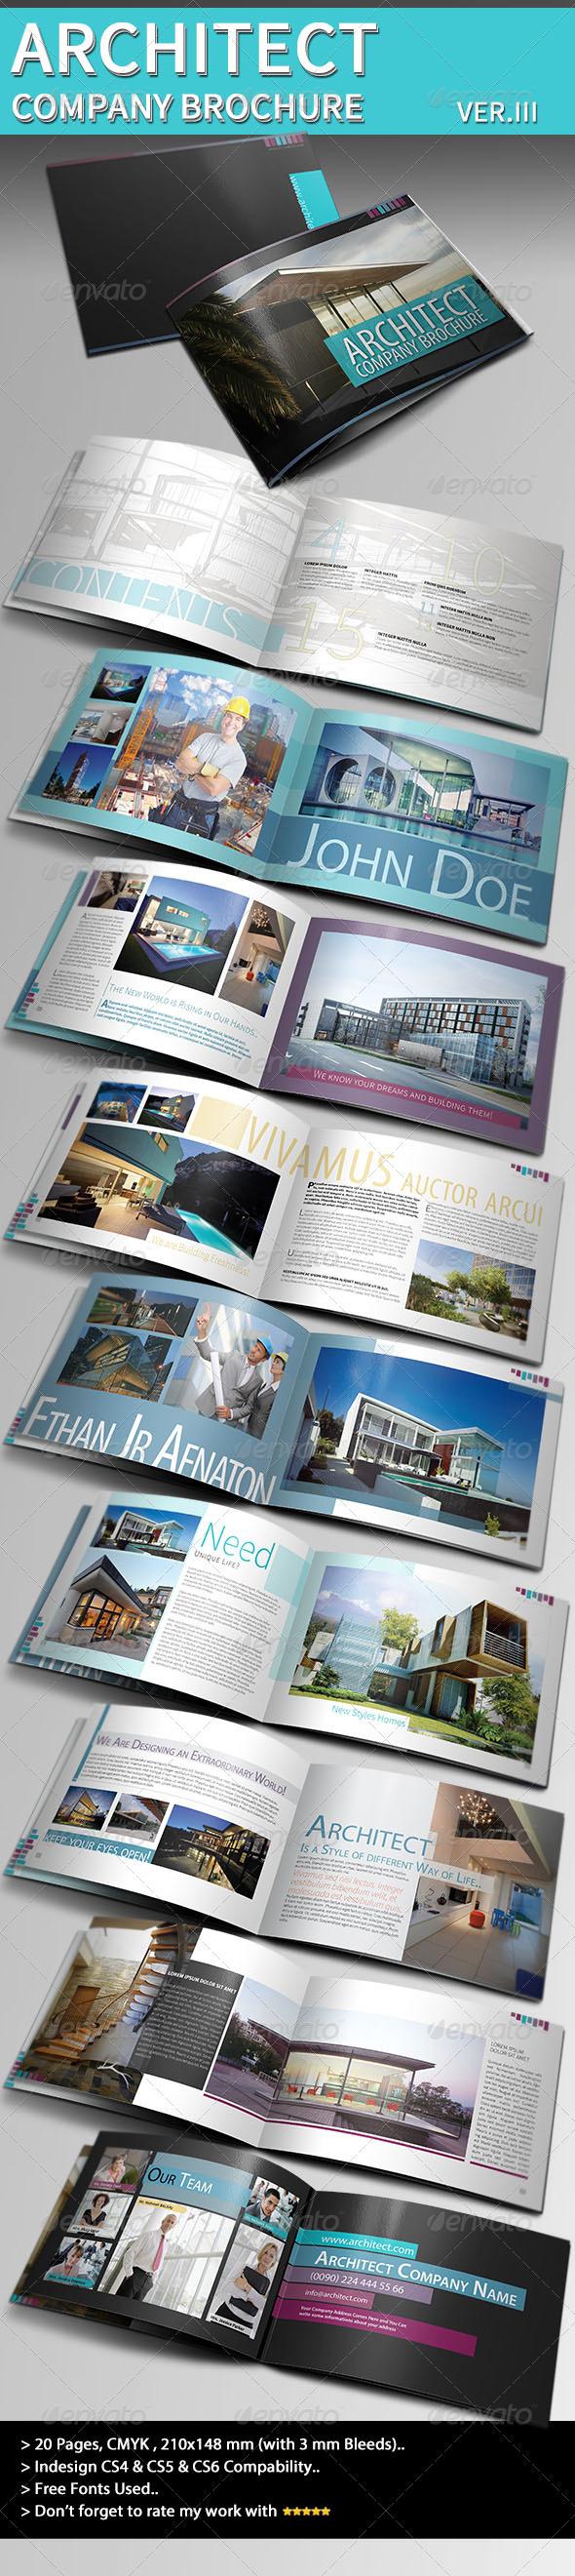 Architecture Brochure Template Ver.III - Corporate Brochures